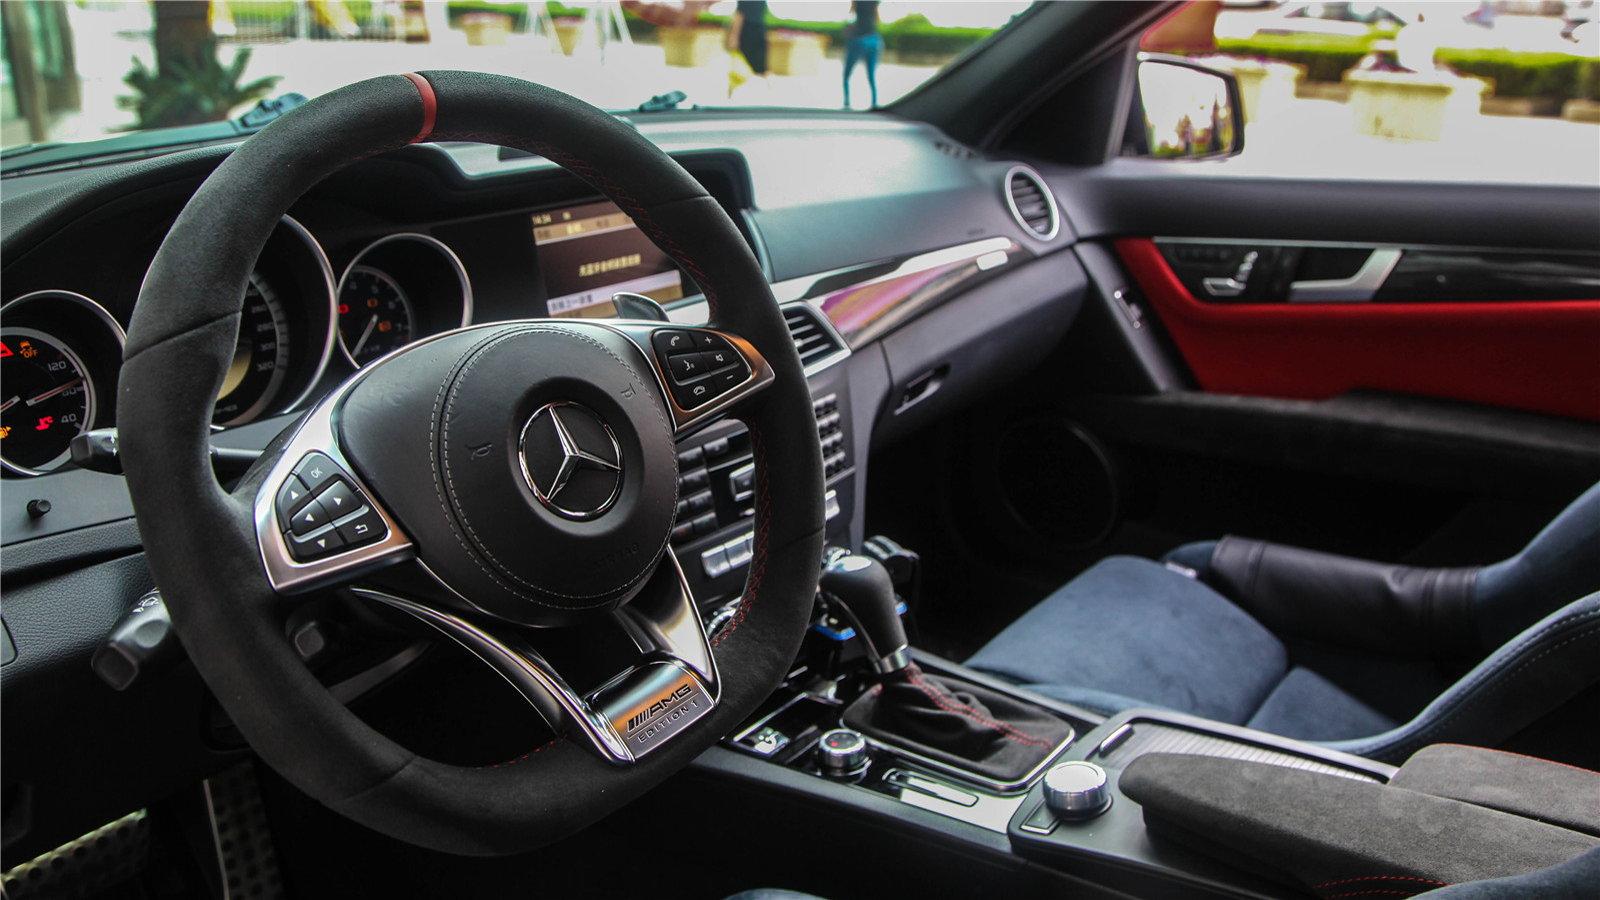 Custom Steering Wheel